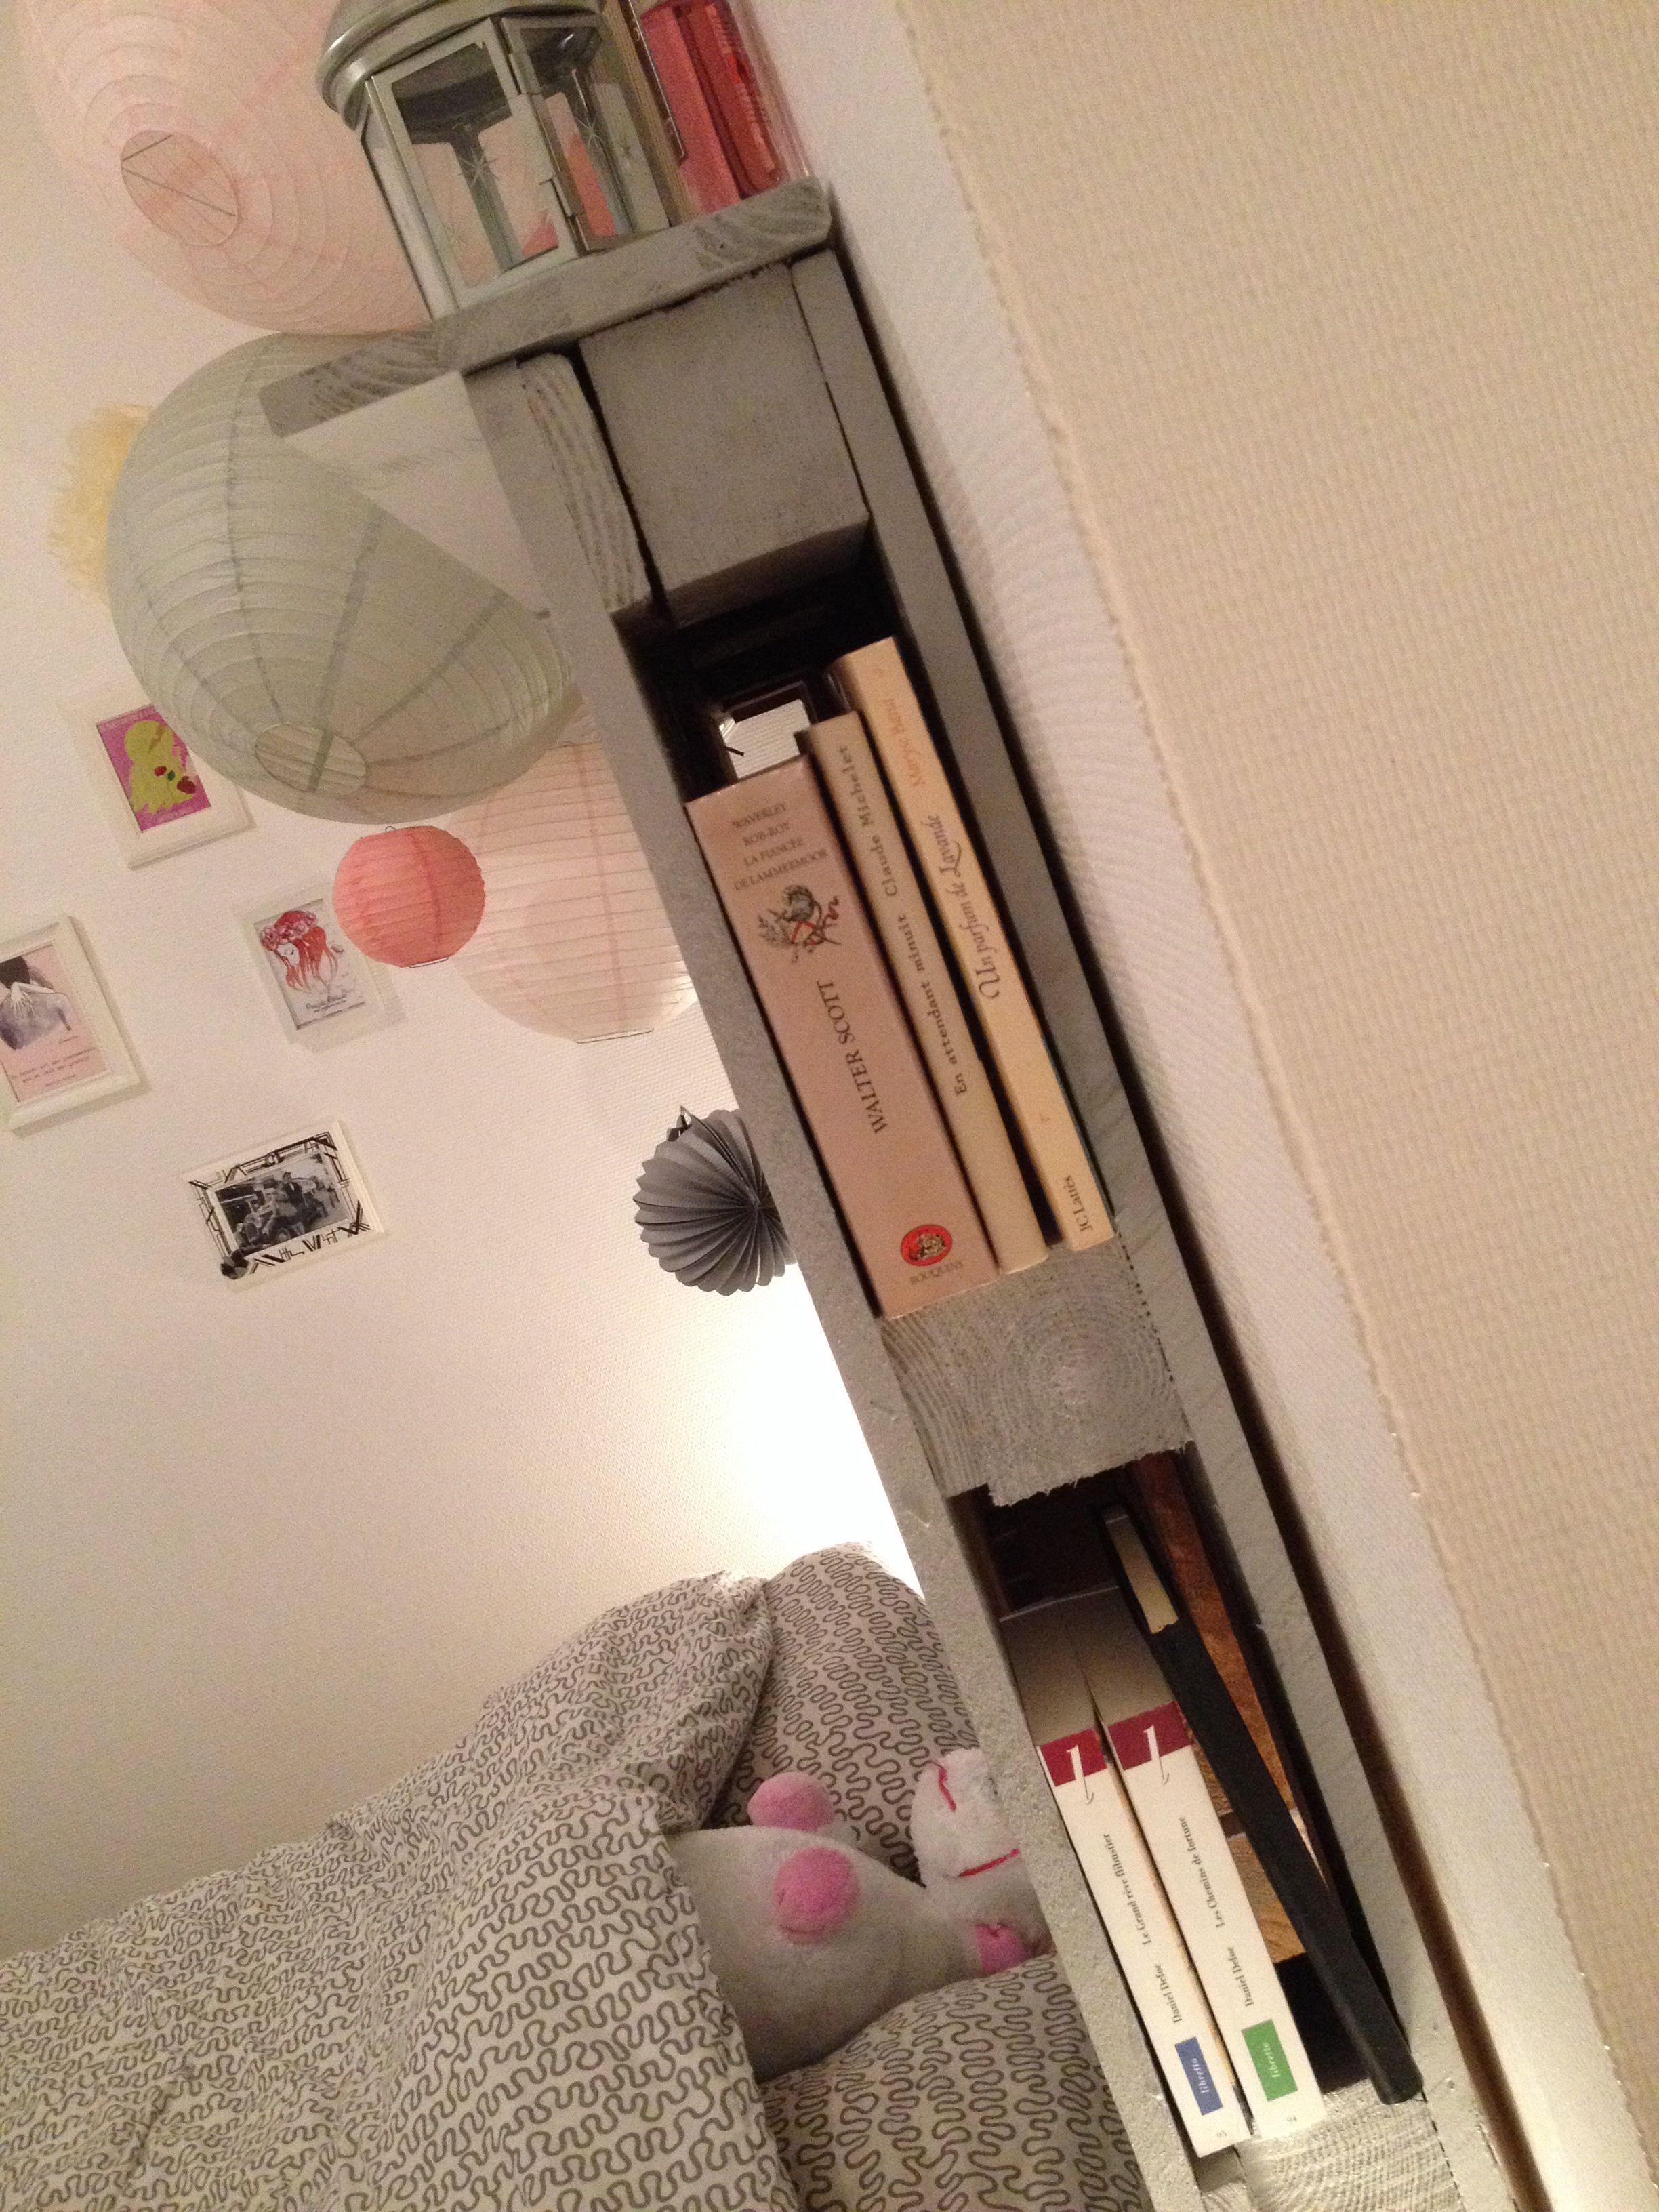 t te de lit en palettes sert aussi de biblioth que mis pr ximos proyectos pinterest. Black Bedroom Furniture Sets. Home Design Ideas